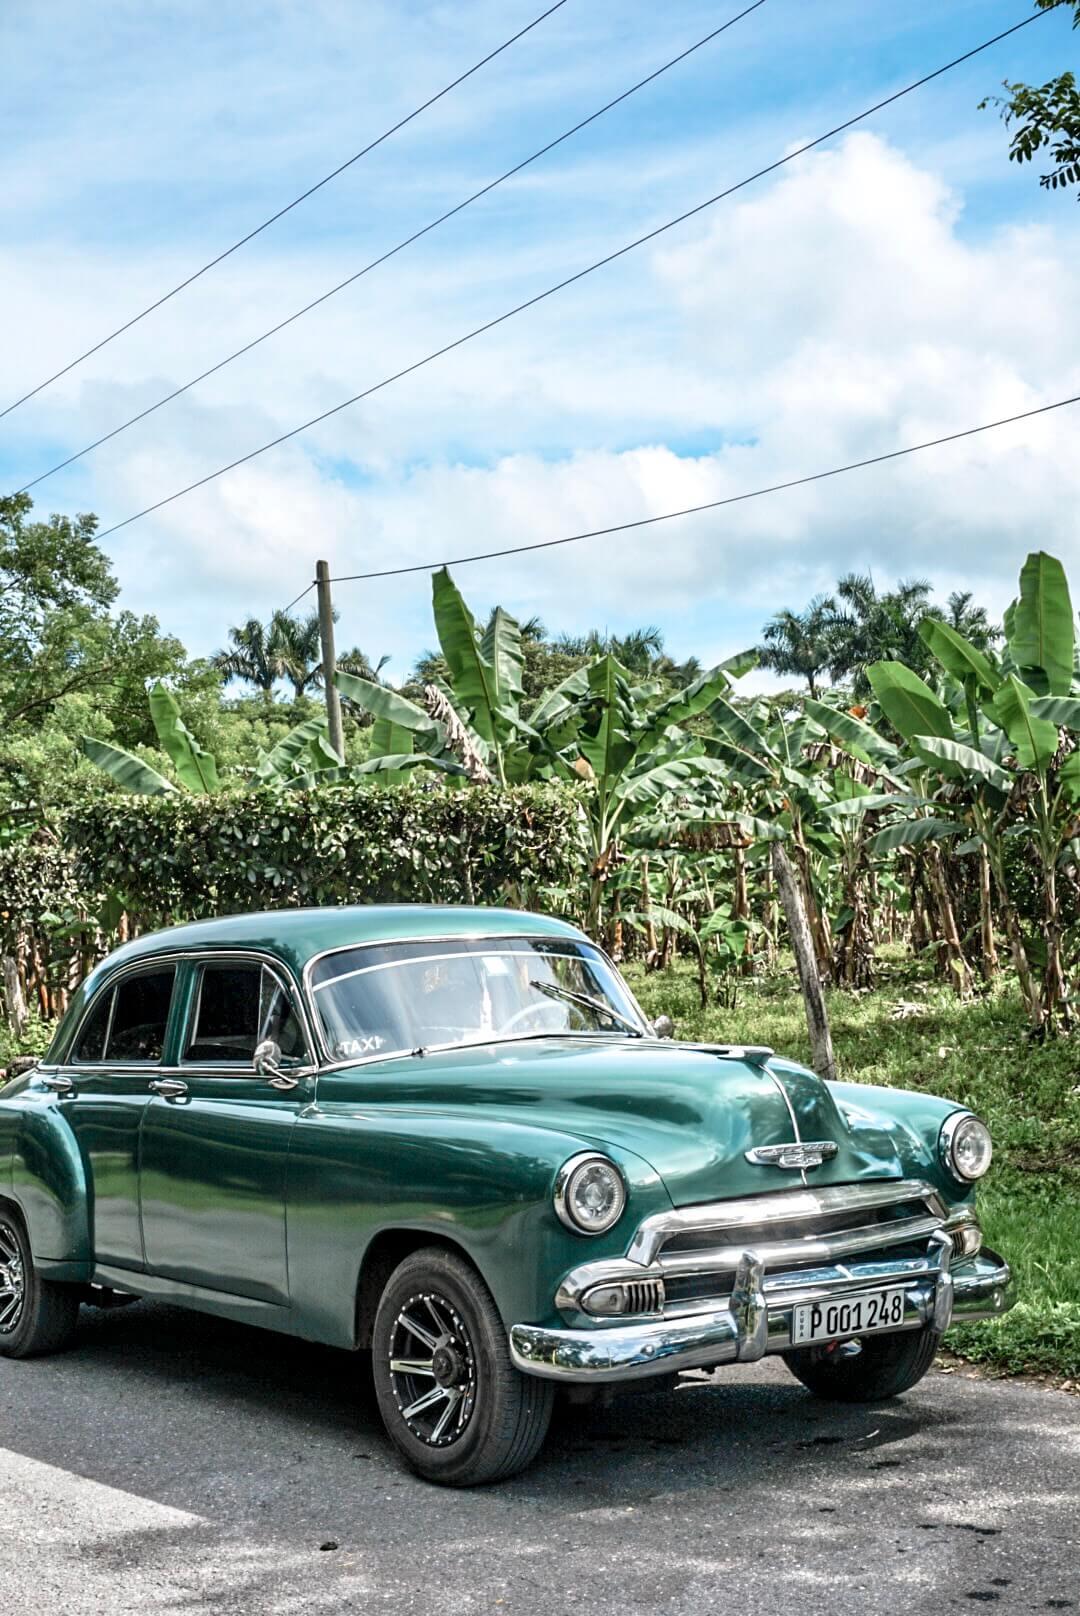 les papiers pour visiter cuba